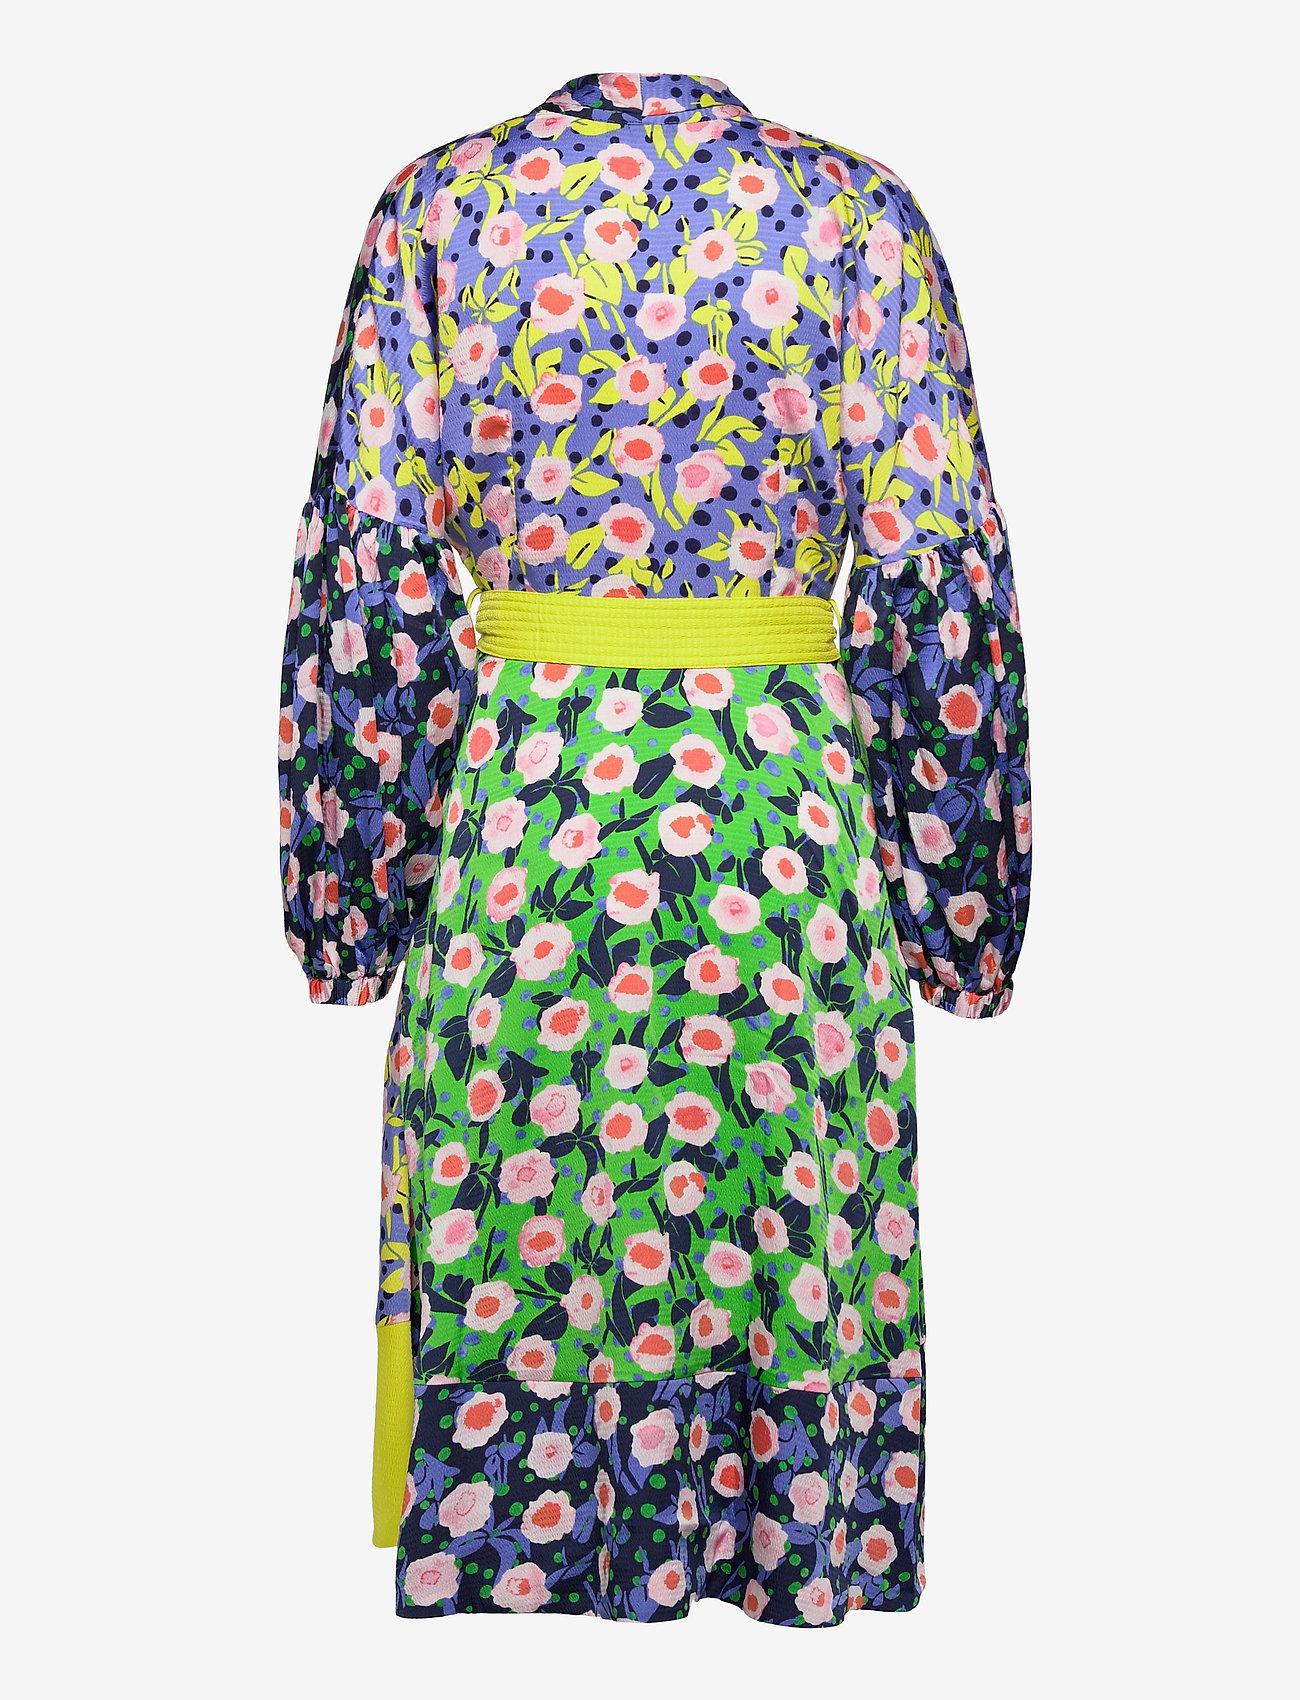 STINE GOYA - Karla, 1169 Textured Poly - sommerkjoler - flowermarket mix - 1